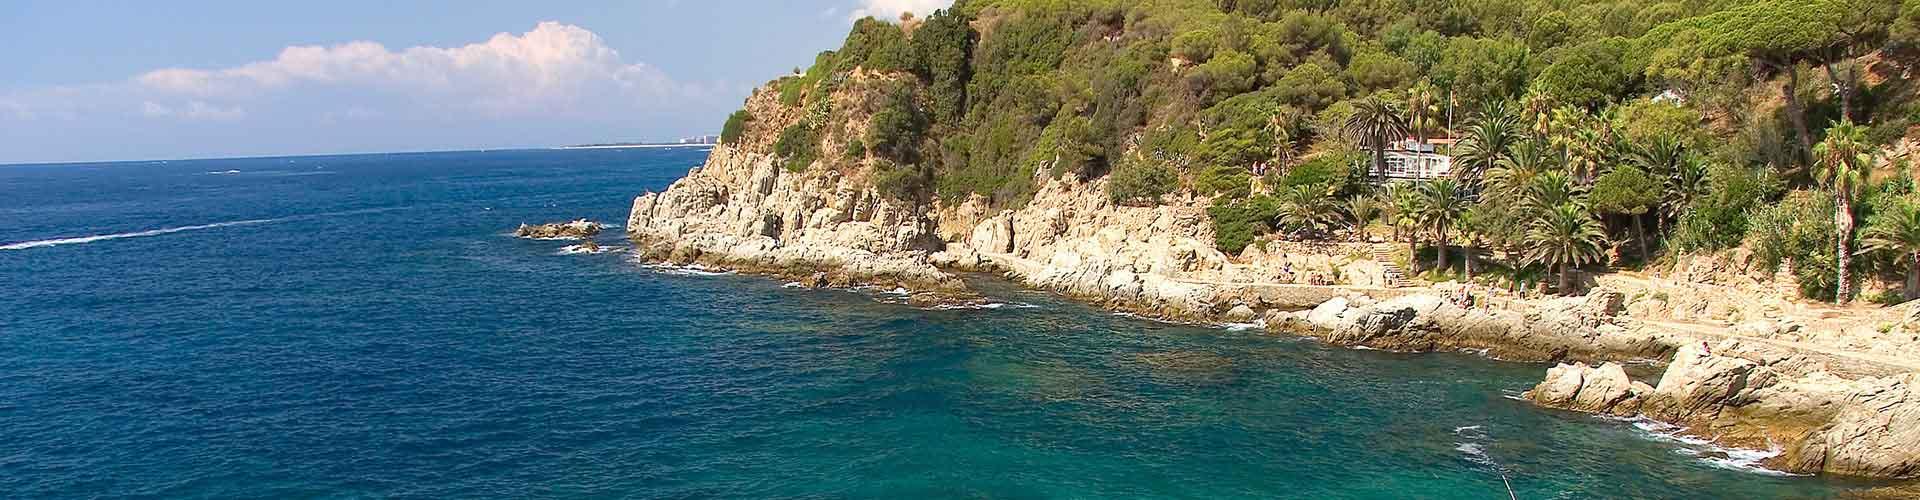 Lloret de Mar - Hostales en Lloret de Mar. Mapas de Lloret de Mar, Fotos y comentarios de cada Hostal en Lloret de Mar.